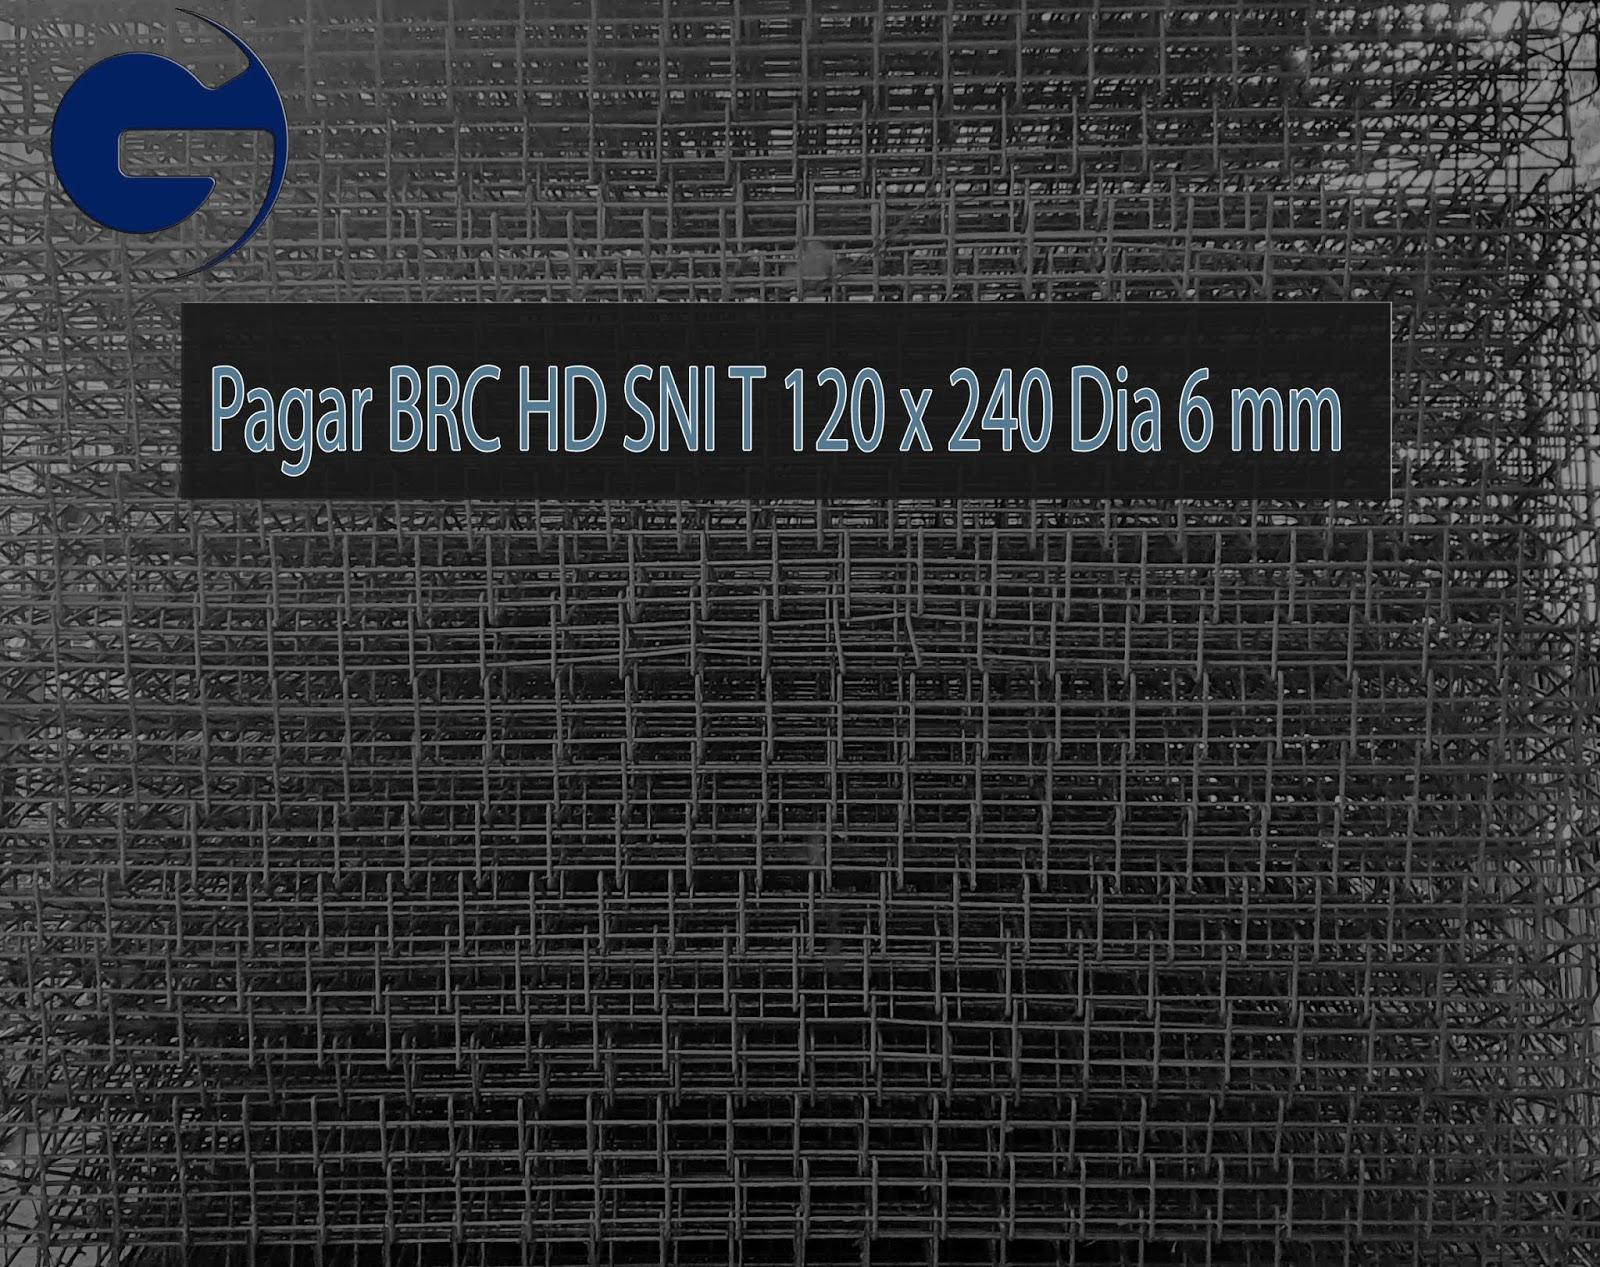 Jual pagar BRC HD SNI T 120 x 240 Dia 6 mm